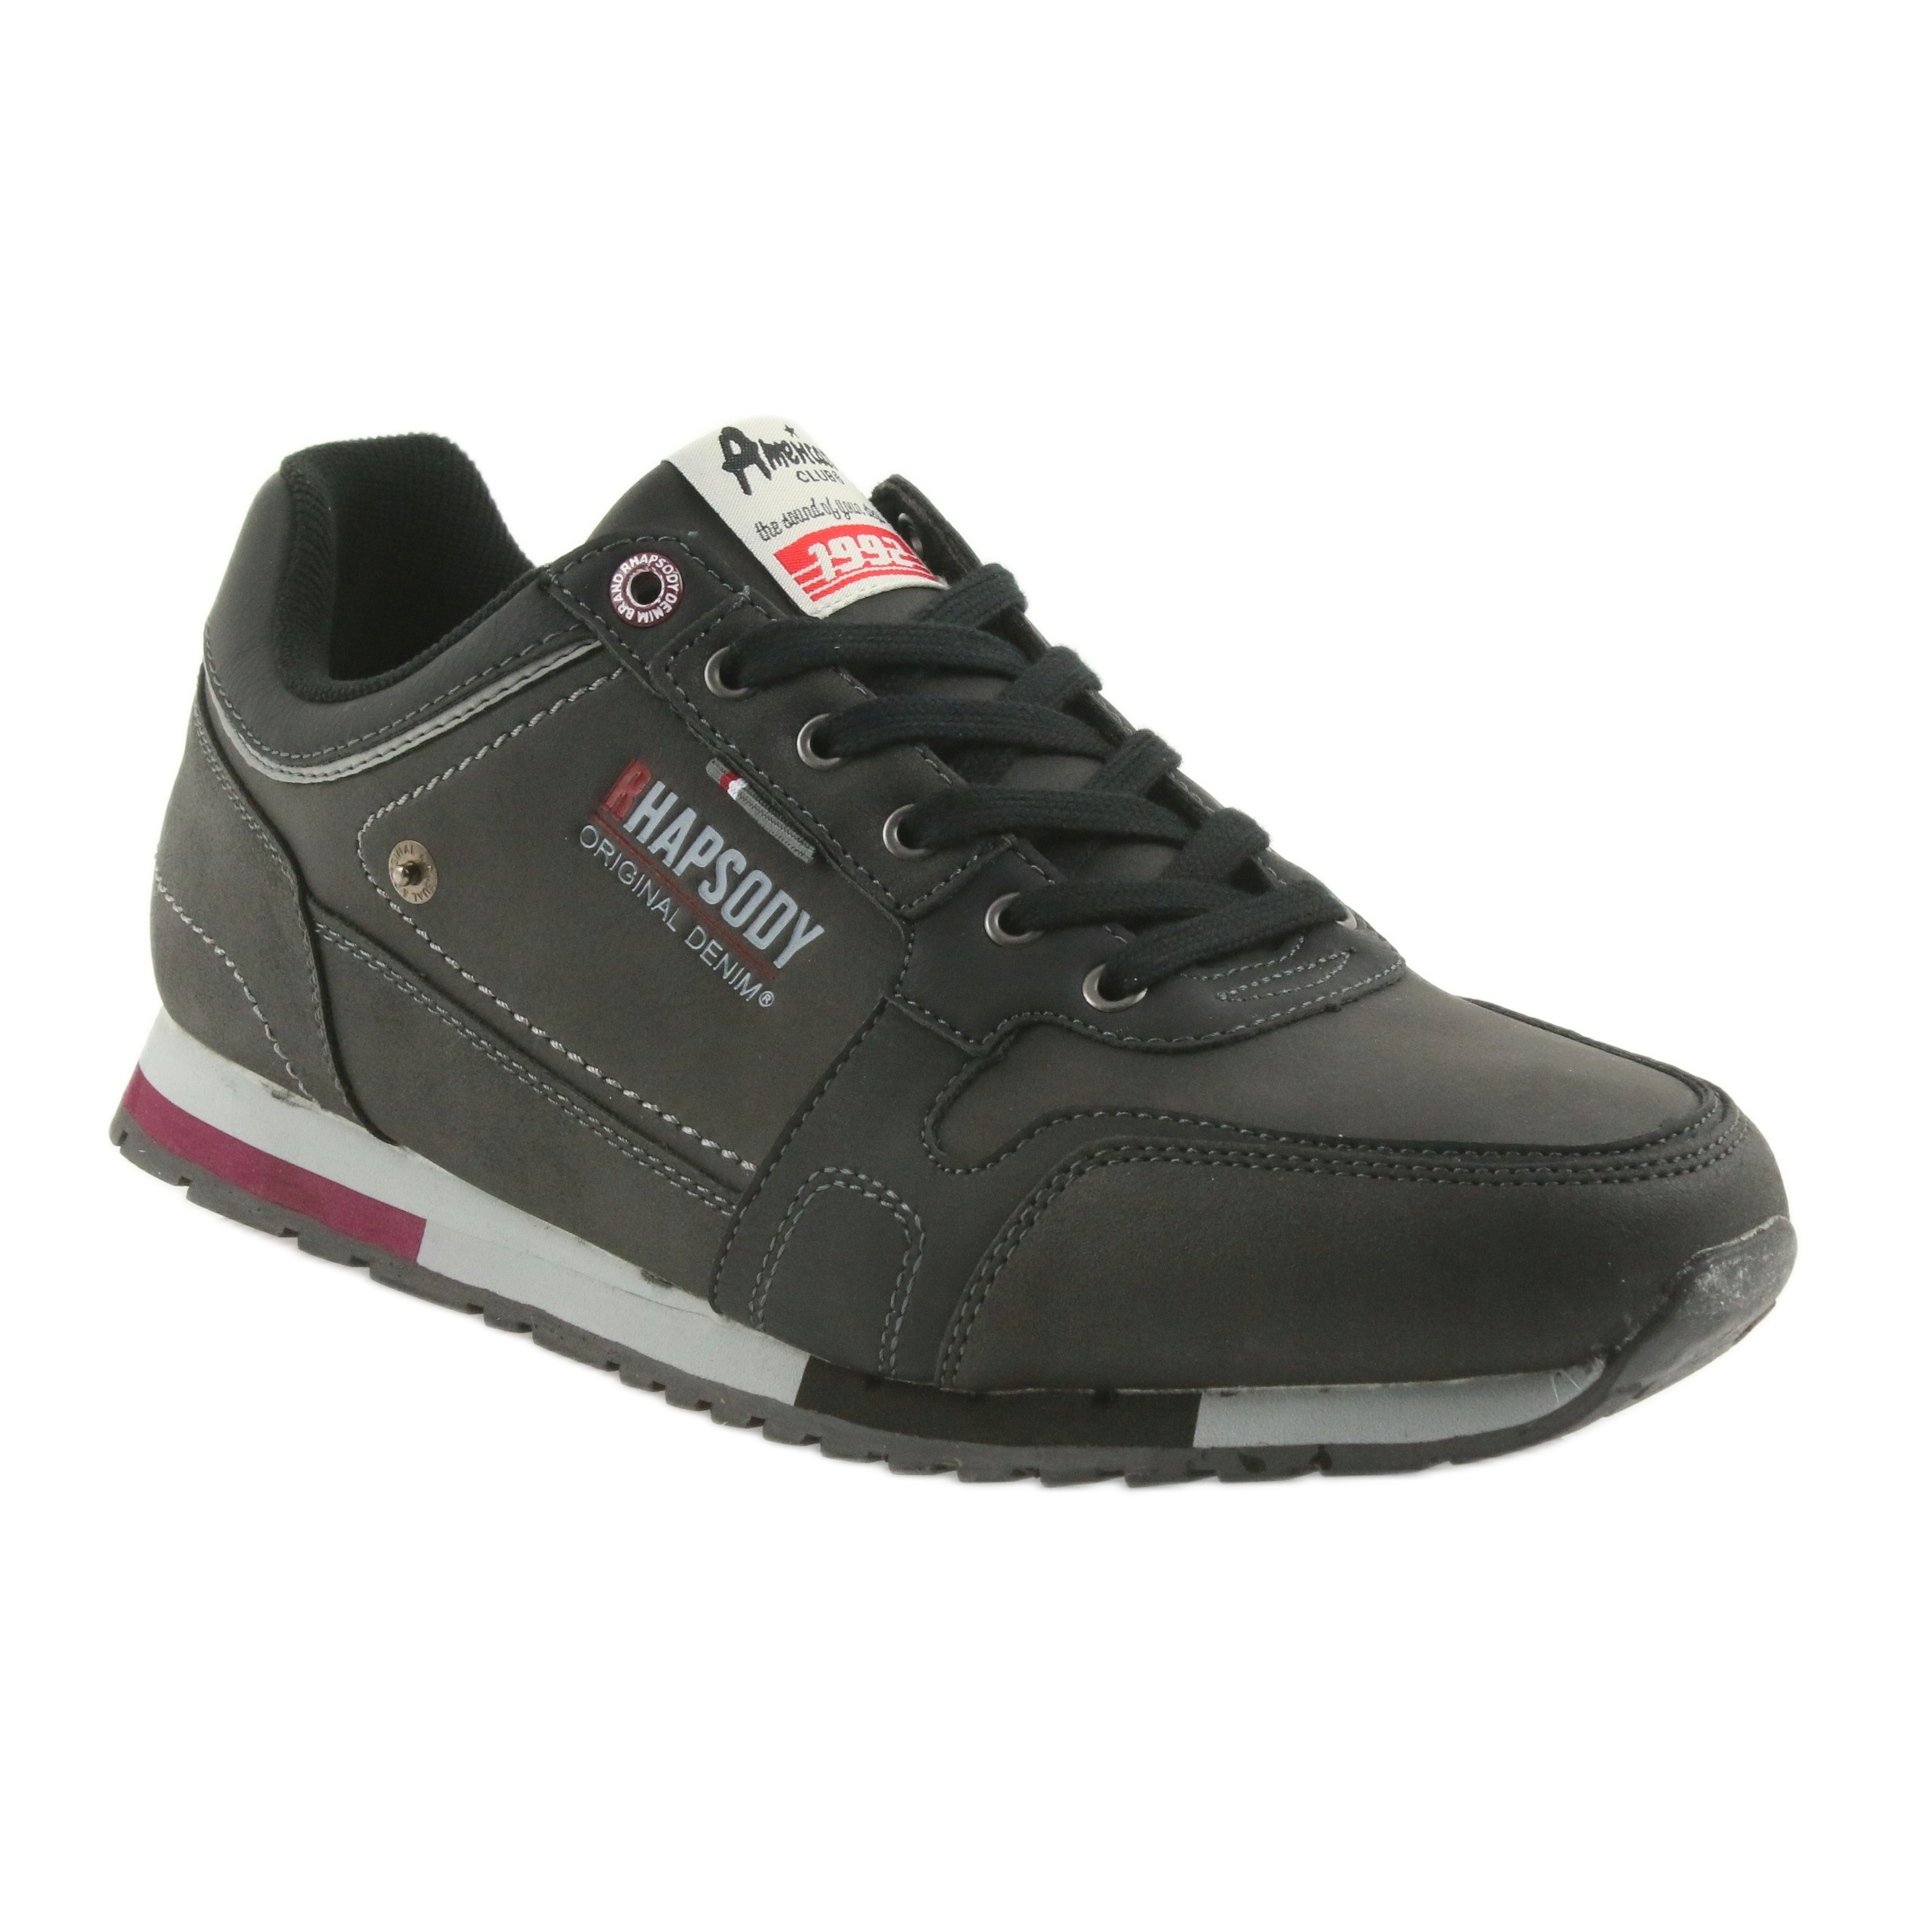 ADI buty męskie sportowe American Club RH0319 czarne